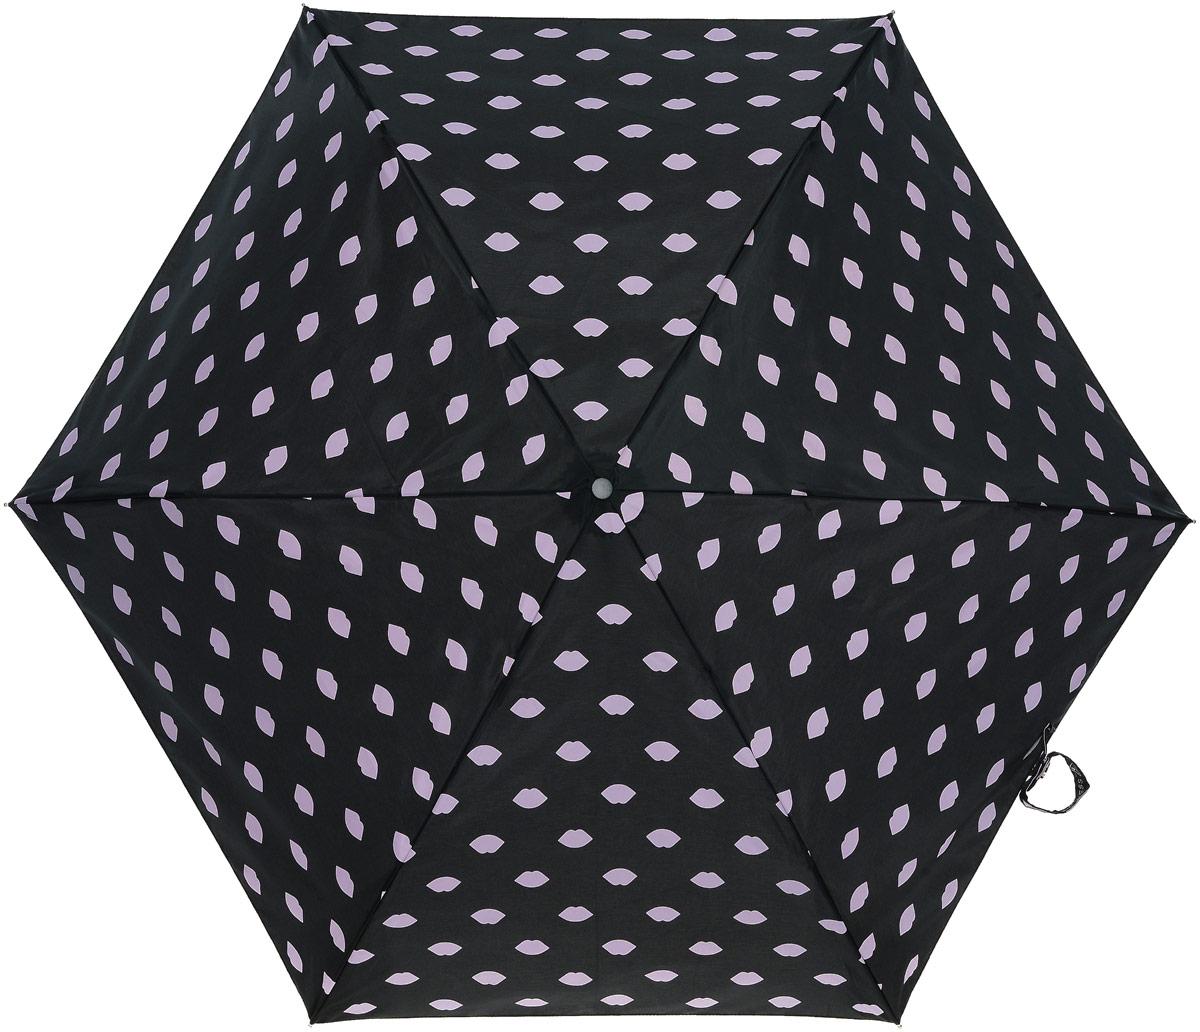 Зонт женский Lulu Guinness Superslim, механический, 3 сложения, цвет: черный, бледно-розовый. L718-2875Серьги с подвескамиСтильный механический зонт Lulu Guinness Superslim в 3 сложения даже в ненастную погоду позволит вам оставаться элегантной. Облегченный каркас зонта выполнен из 6 спиц из фибергласса и алюминия, стержень также изготовлен из алюминия, удобная рукоятка - из пластика. Купол зонта выполнен из прочного полиэстера. В закрытом виде застегивается хлястиком на кнопке. Яркий оригинальный принт в виде изображения губ поднимет настроение в дождливый день.Зонт механического сложения: купол открывается и закрывается вручную до характерного щелчка.На рукоятке для удобства есть небольшой шнурок, позволяющий надеть зонт на руку тогда, когда это будет необходимо. К зонту прилагается чехол, который дополнительно застегивается на липучку, с небольшой нашивкой с названием бренда. Такой зонт компактно располагается в кармане, сумочке, дверке автомобиля.